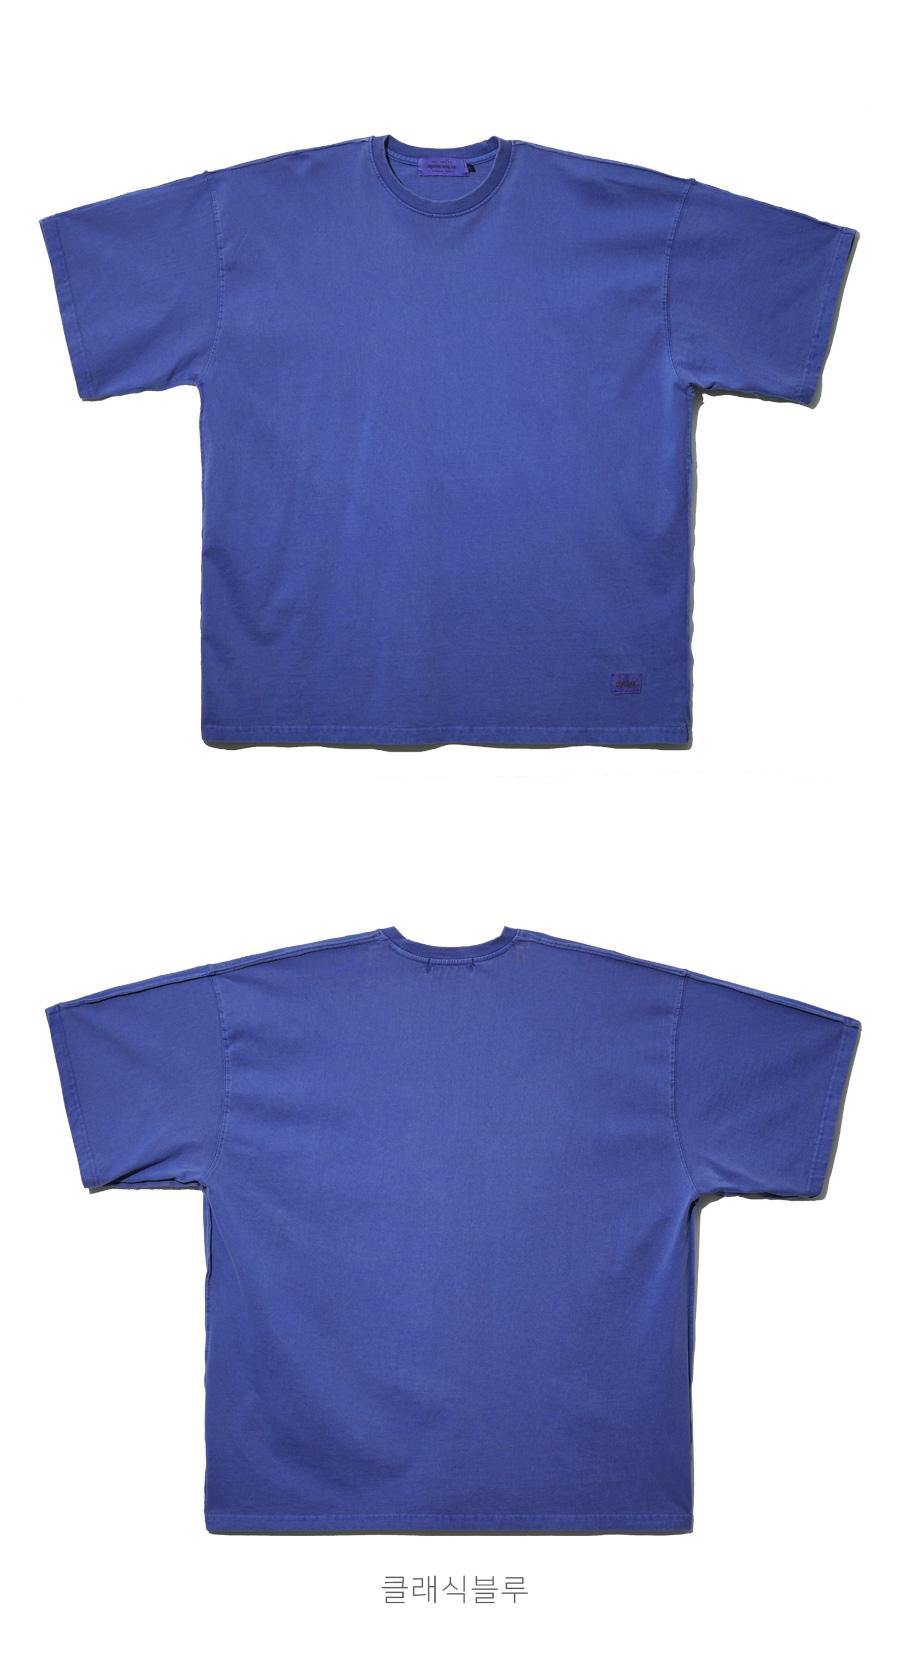 20200522_dy_sidecut_tshirts_detail_classicblue_je_01.jpg